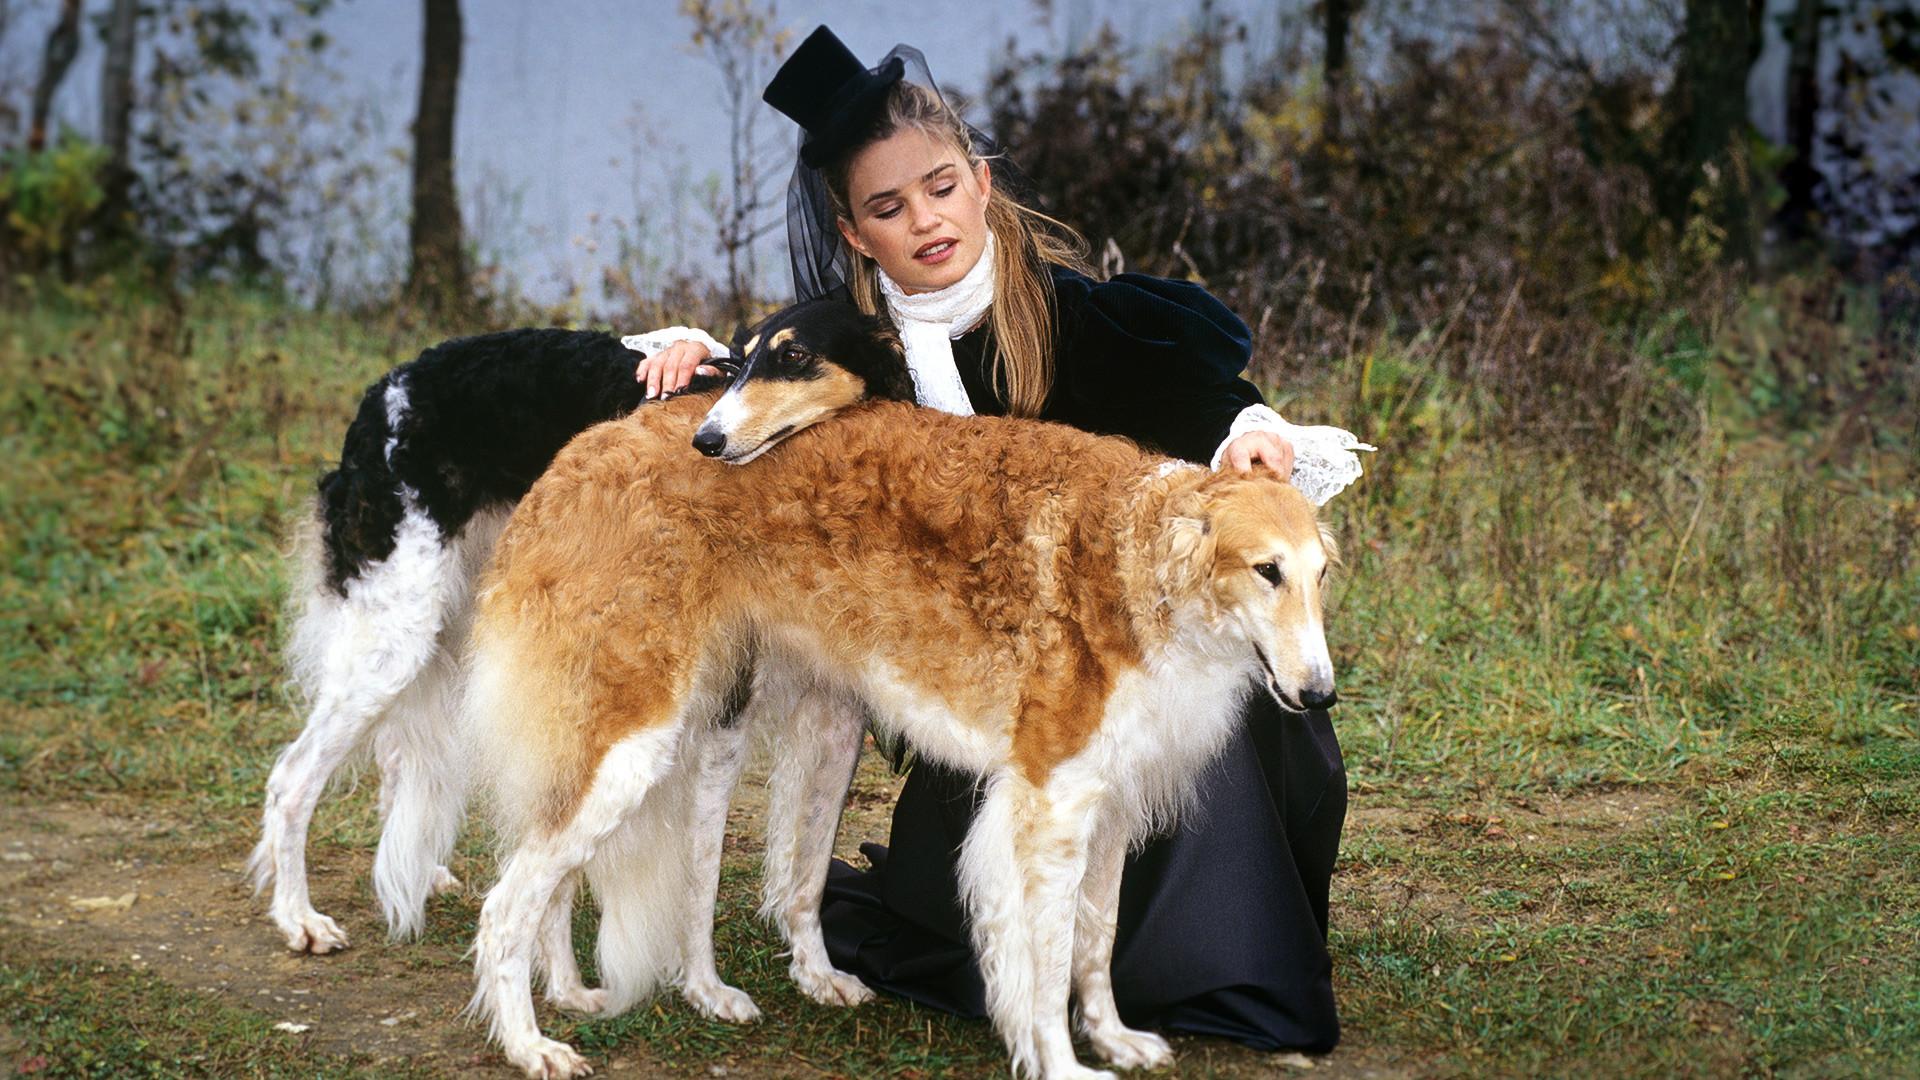 Quattro Cani Russi In Grado Di Cacciare Lupi E Orsi Russia Beyond